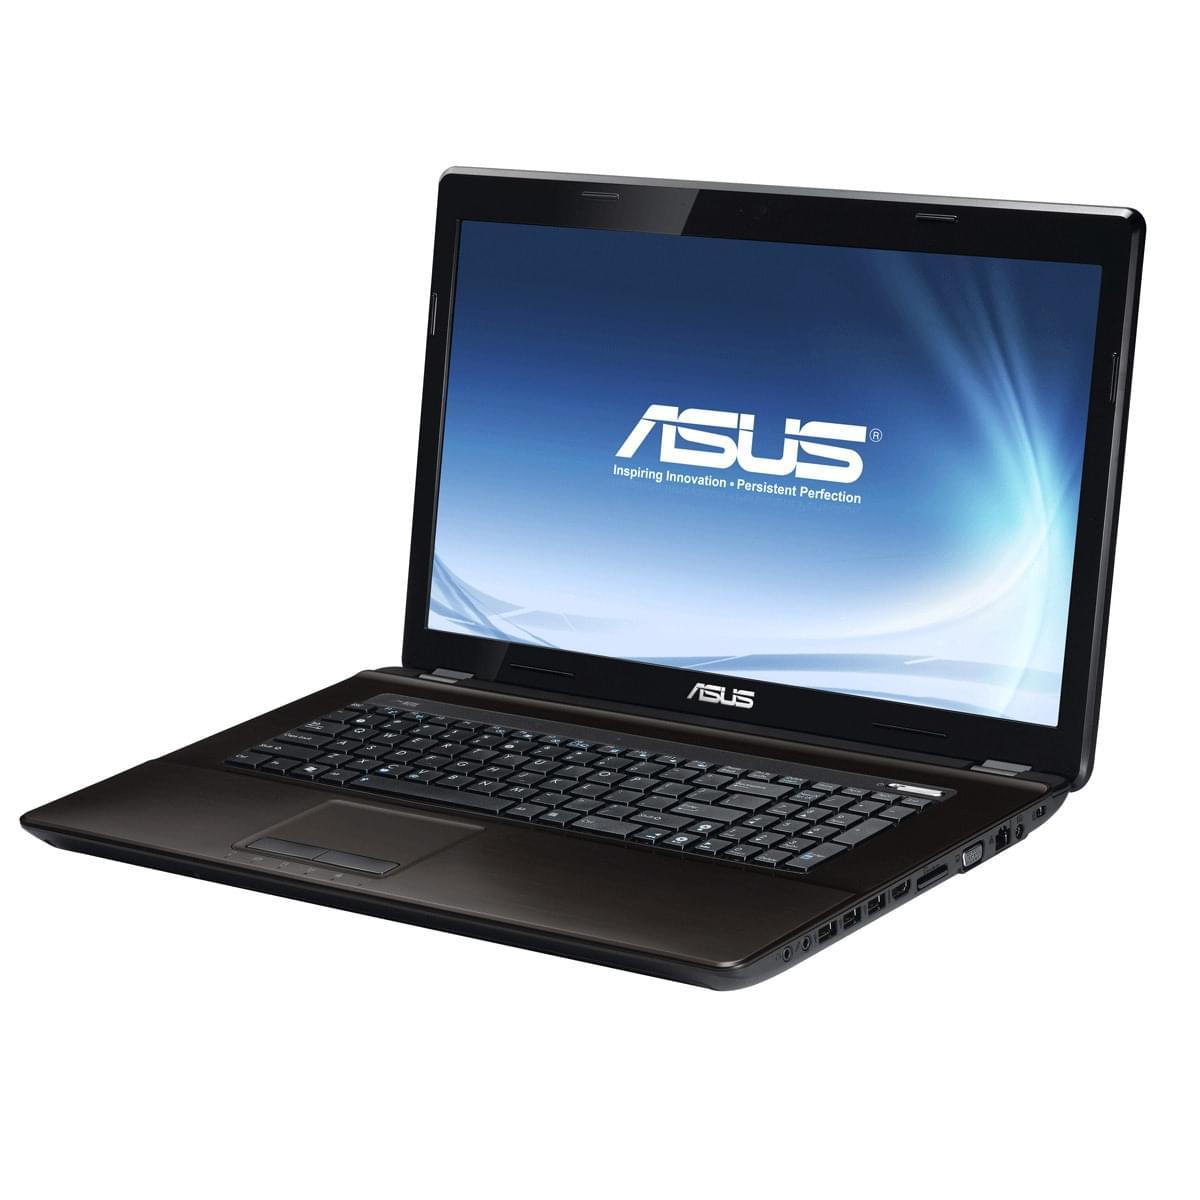 Asus K73E-TY202V - PC portable Asus - Cybertek.fr - 0